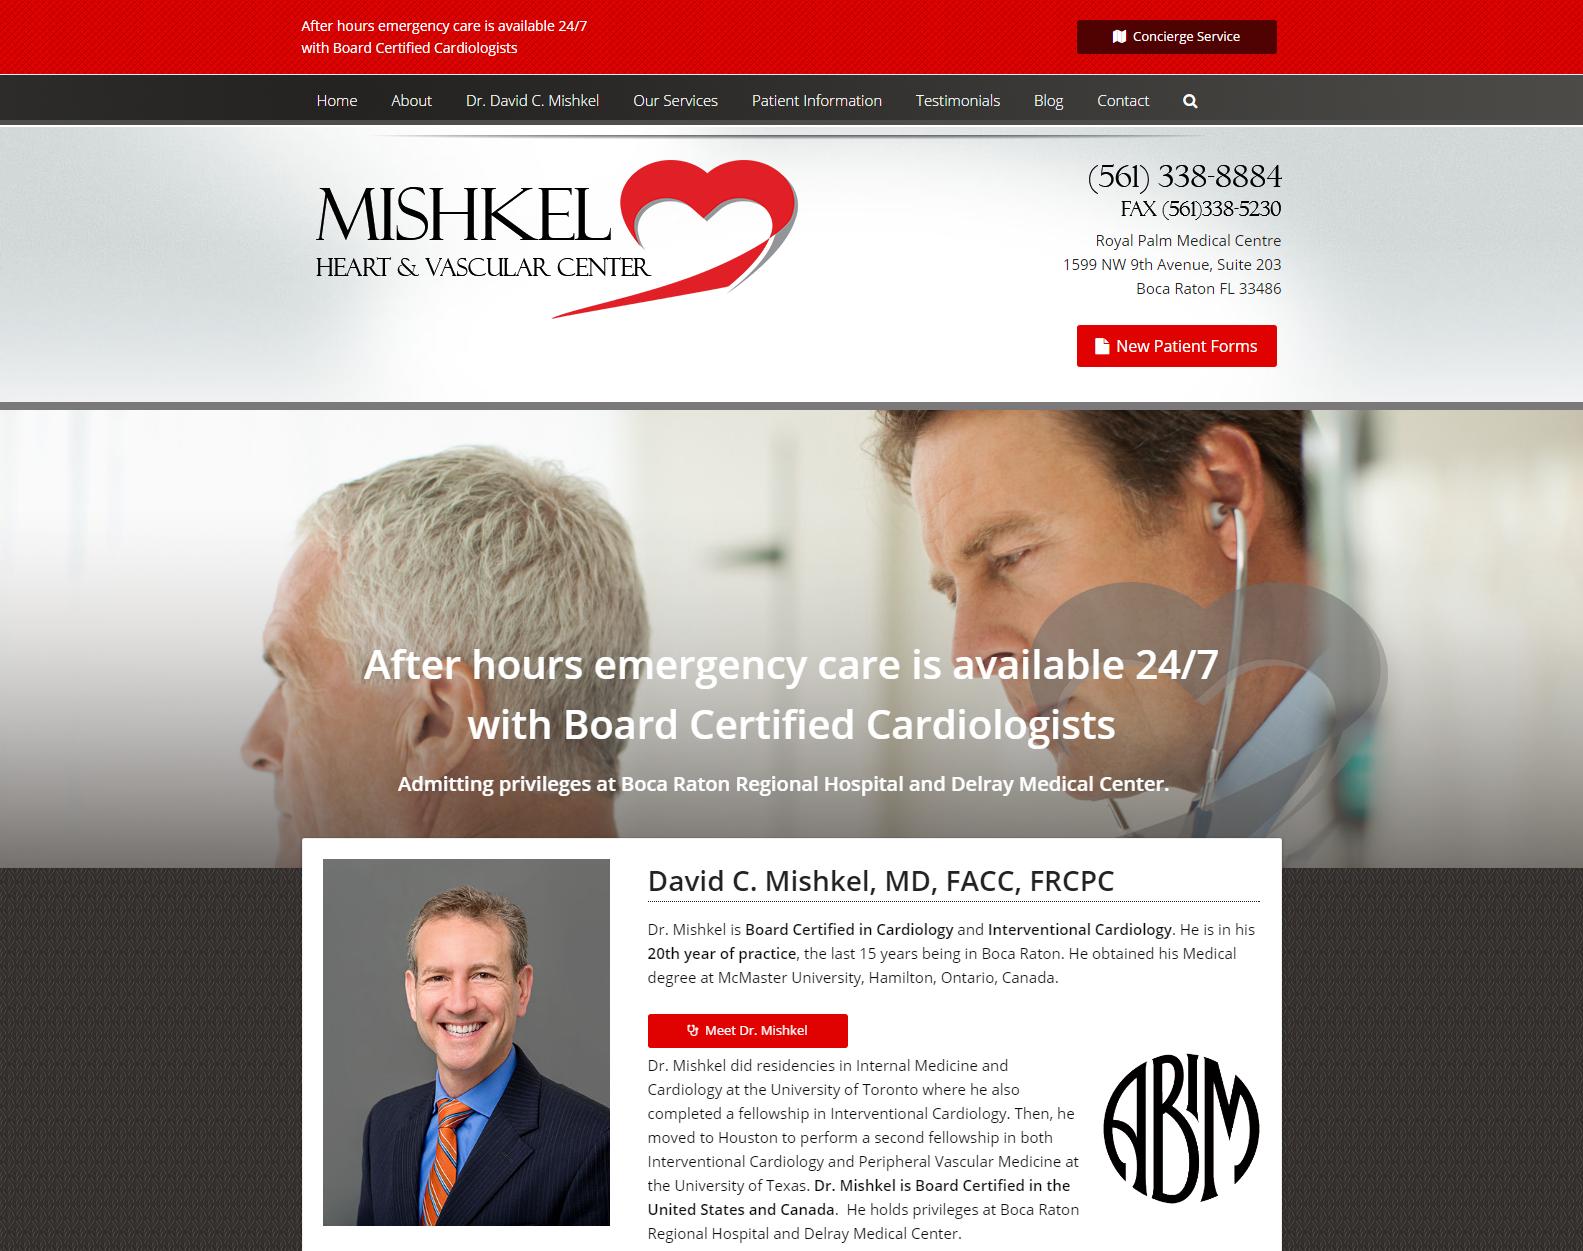 Mishkel Heart & Vascular